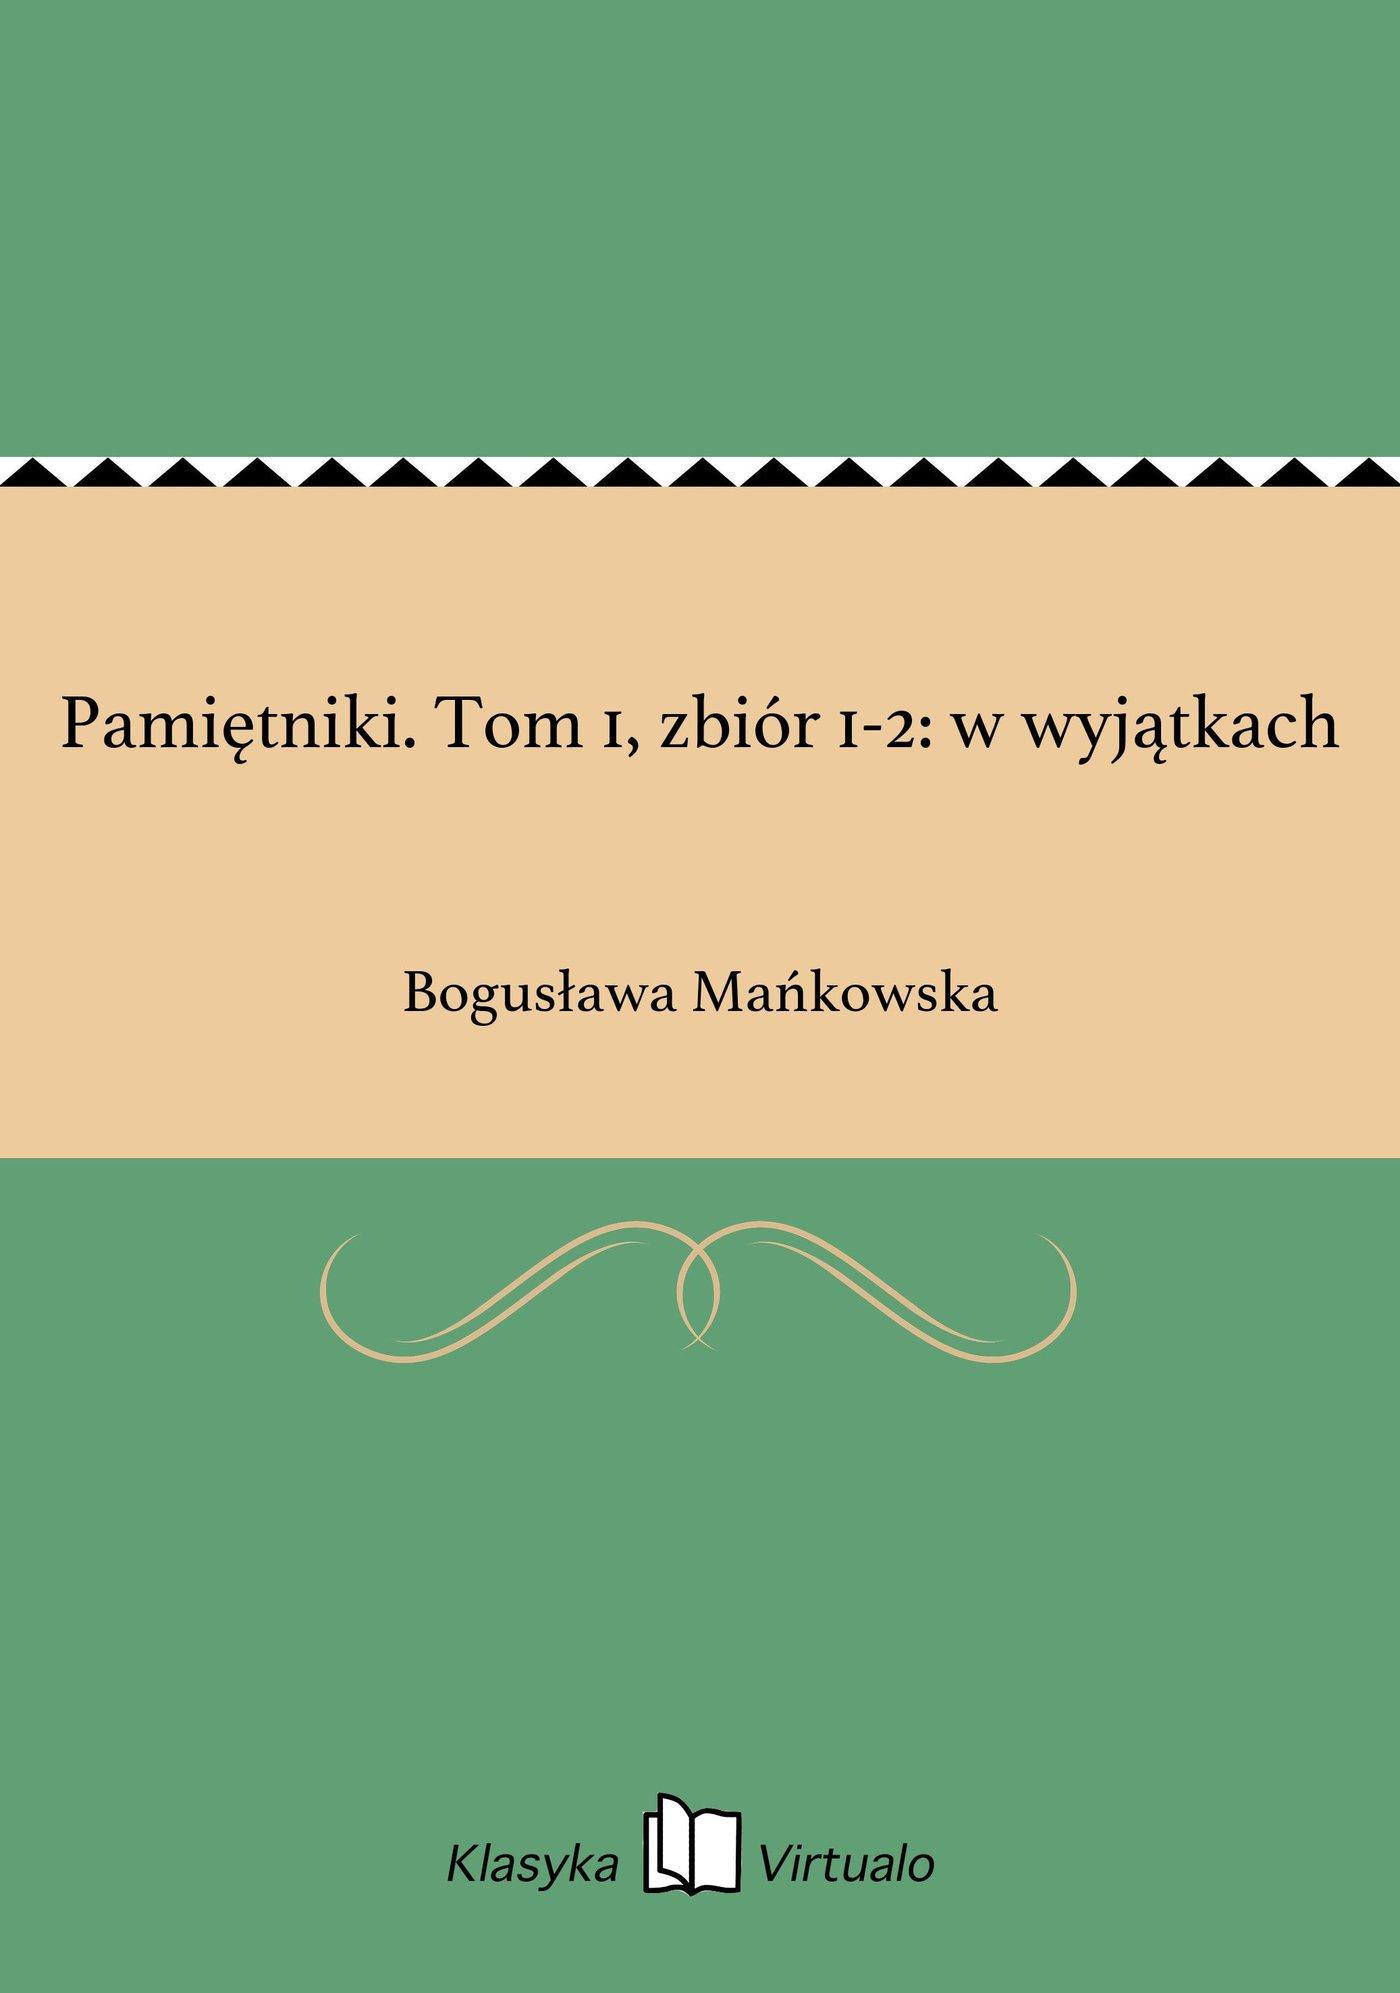 Pamiętniki. Tom 1, zbiór 1-2: w wyjątkach - Ebook (Książka EPUB) do pobrania w formacie EPUB